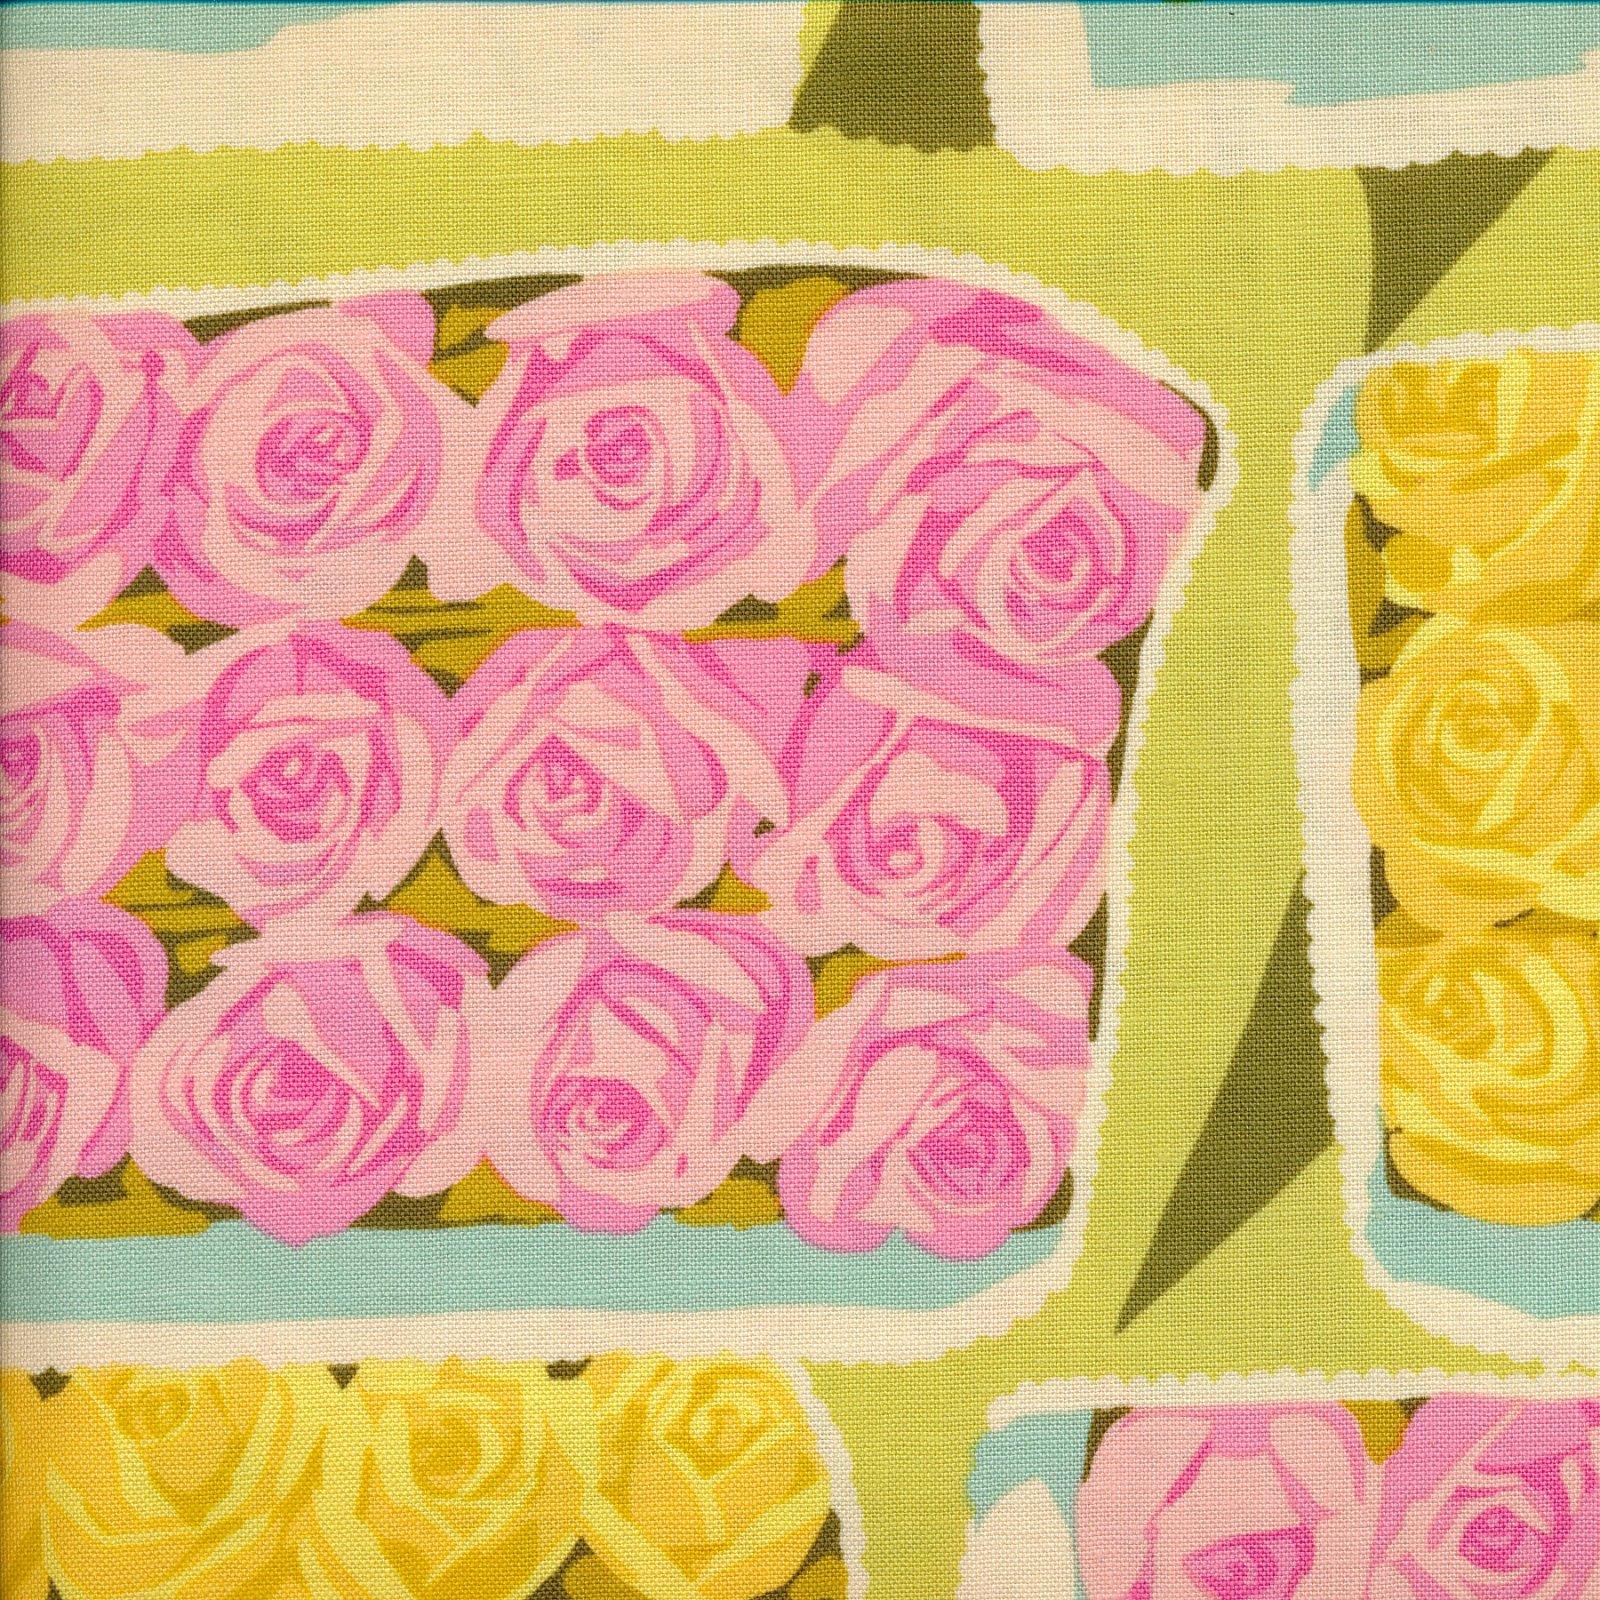 Flower Garden: Boxed Dozen